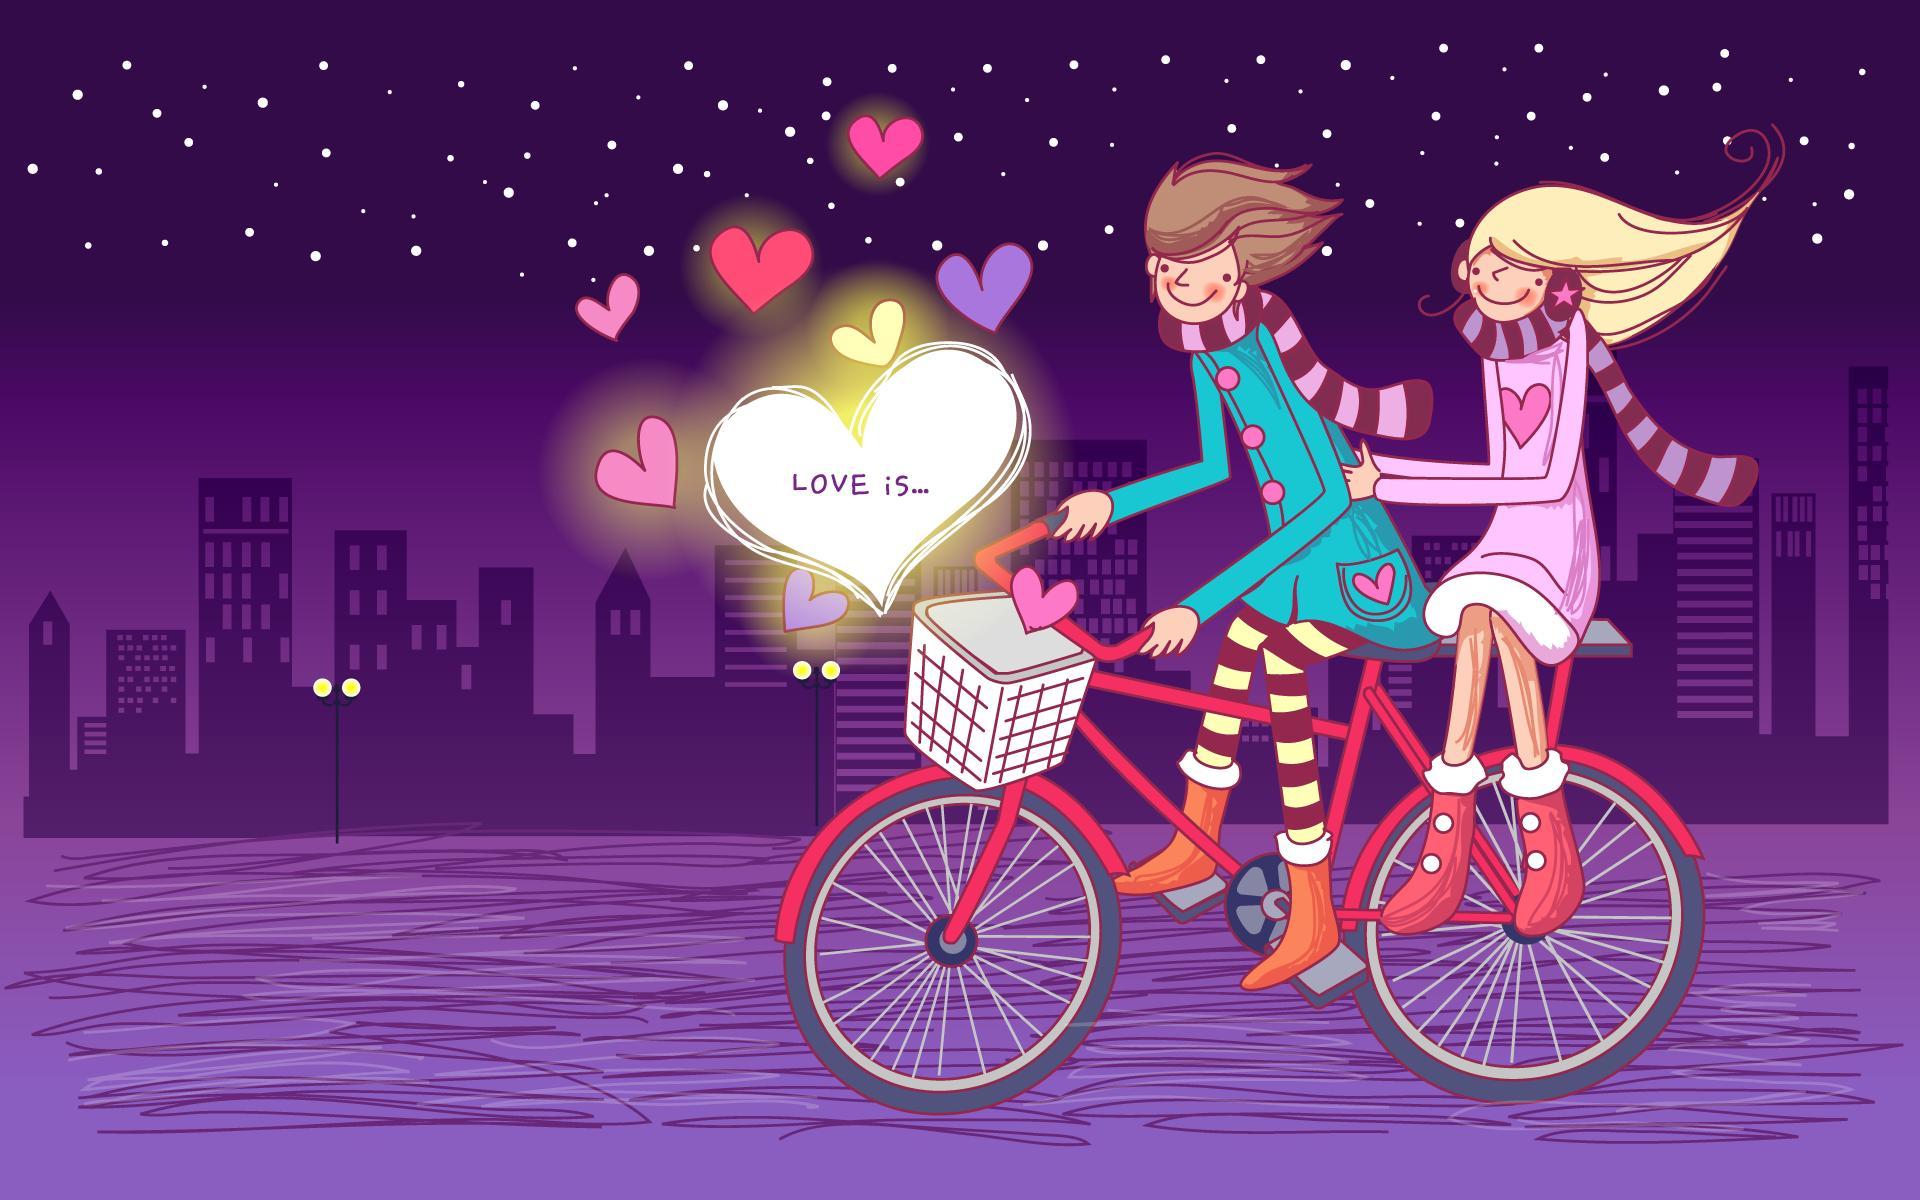 Досі думаєте, що подарувати коханій людині на День Валентина?